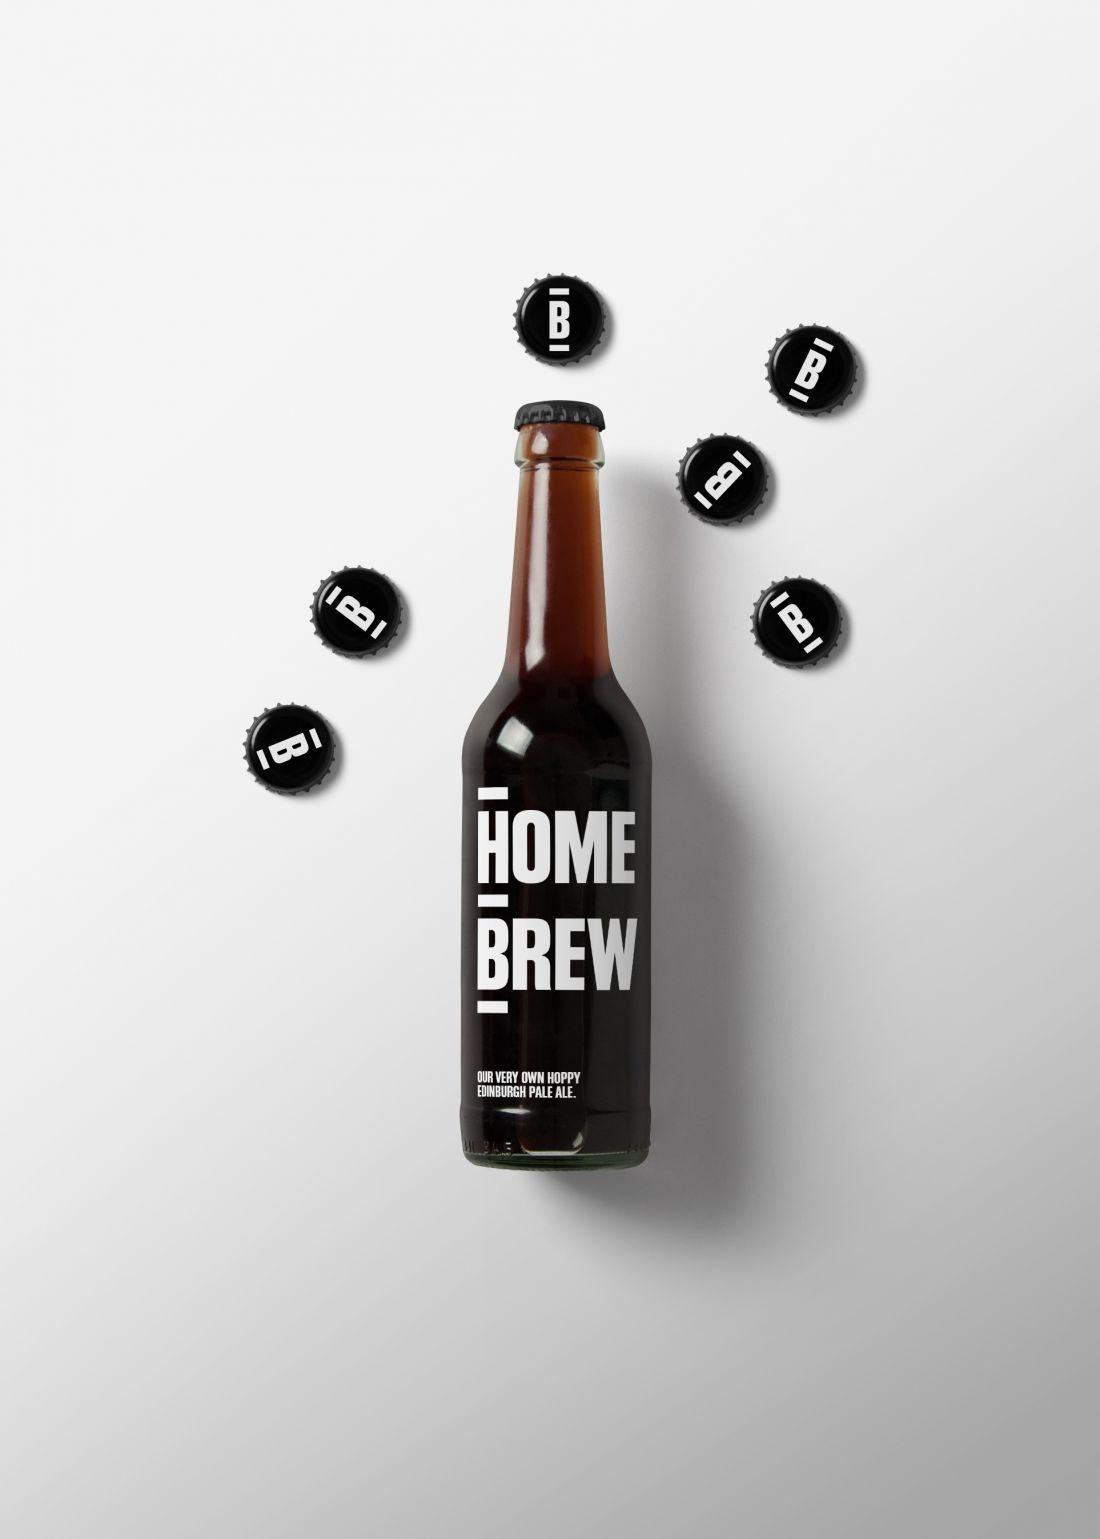 大胆自信和极简主义餐饮vi设计,汉堡品牌西餐厅logo设计